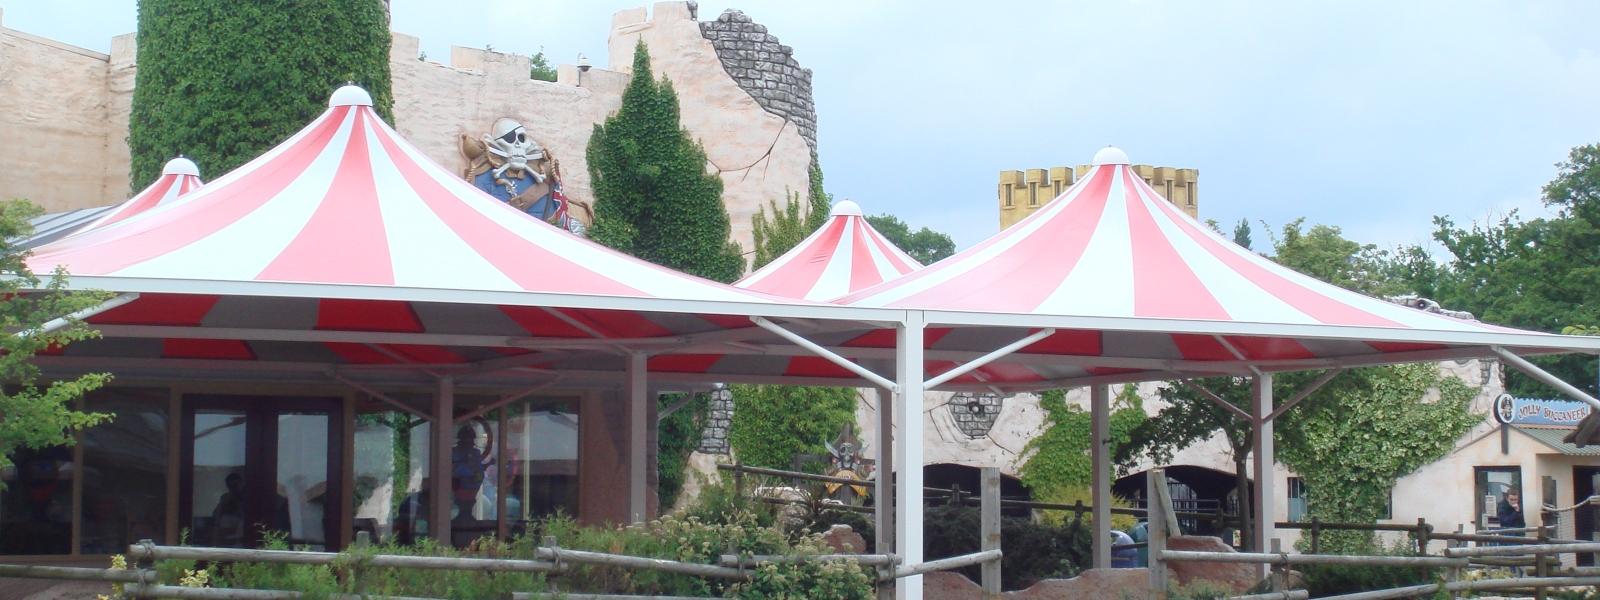 Theme Park Canopy